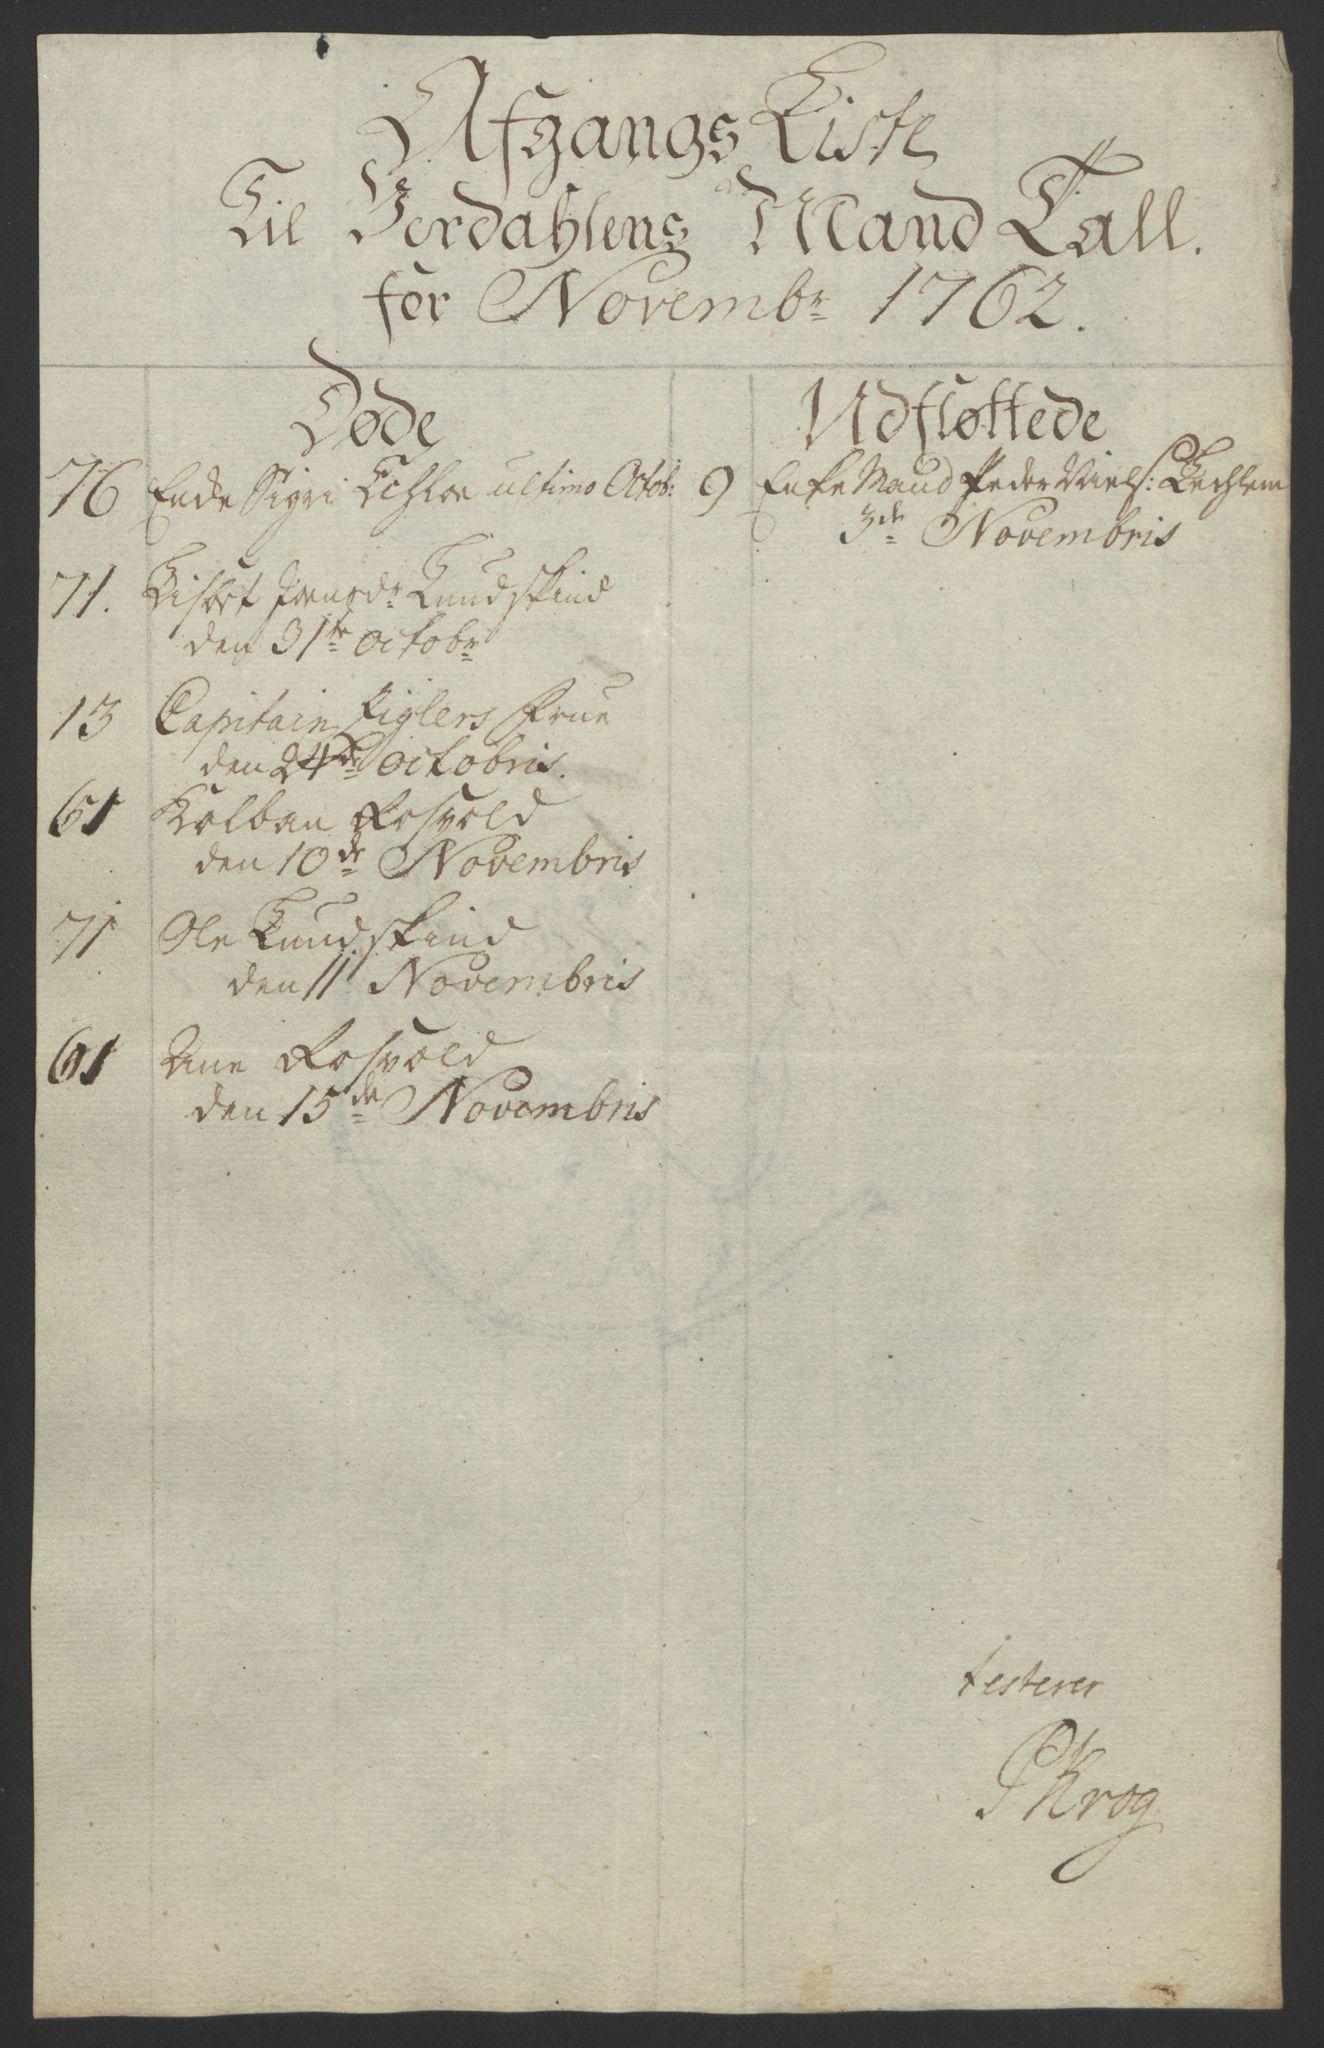 RA, Rentekammeret inntil 1814, Reviderte regnskaper, Fogderegnskap, R62/L4303: Ekstraskatten Stjørdal og Verdal, 1762-1763, s. 17